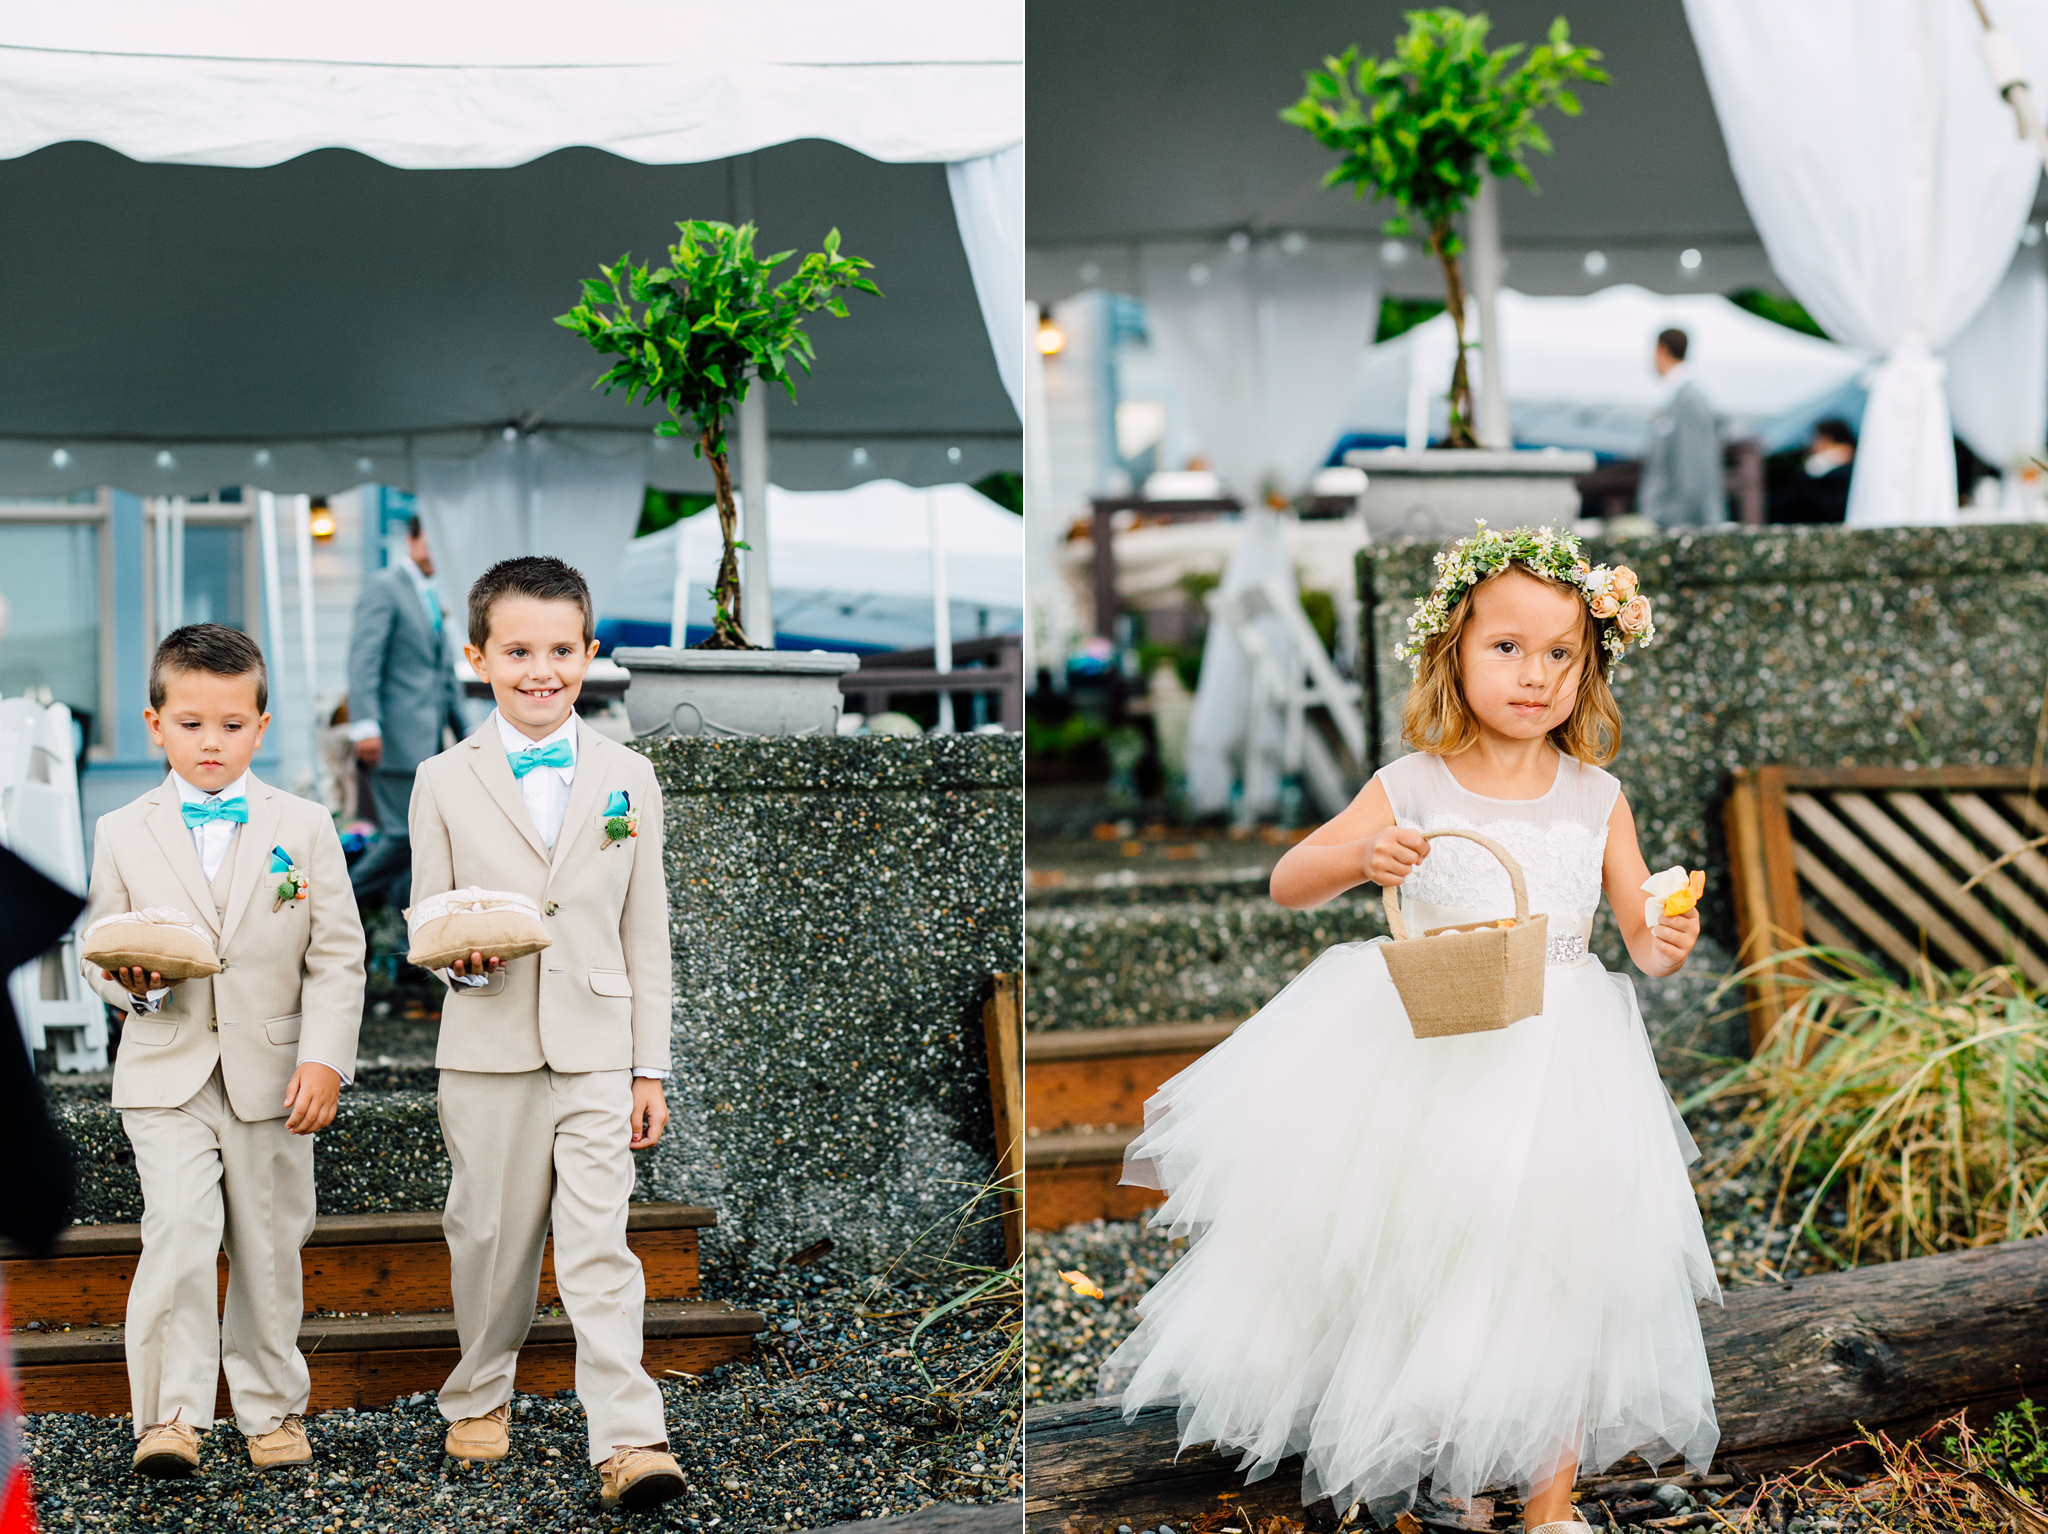 058-bellingham-wedding-photographer-beach-katheryn-moran-elisa-phillip.jpg